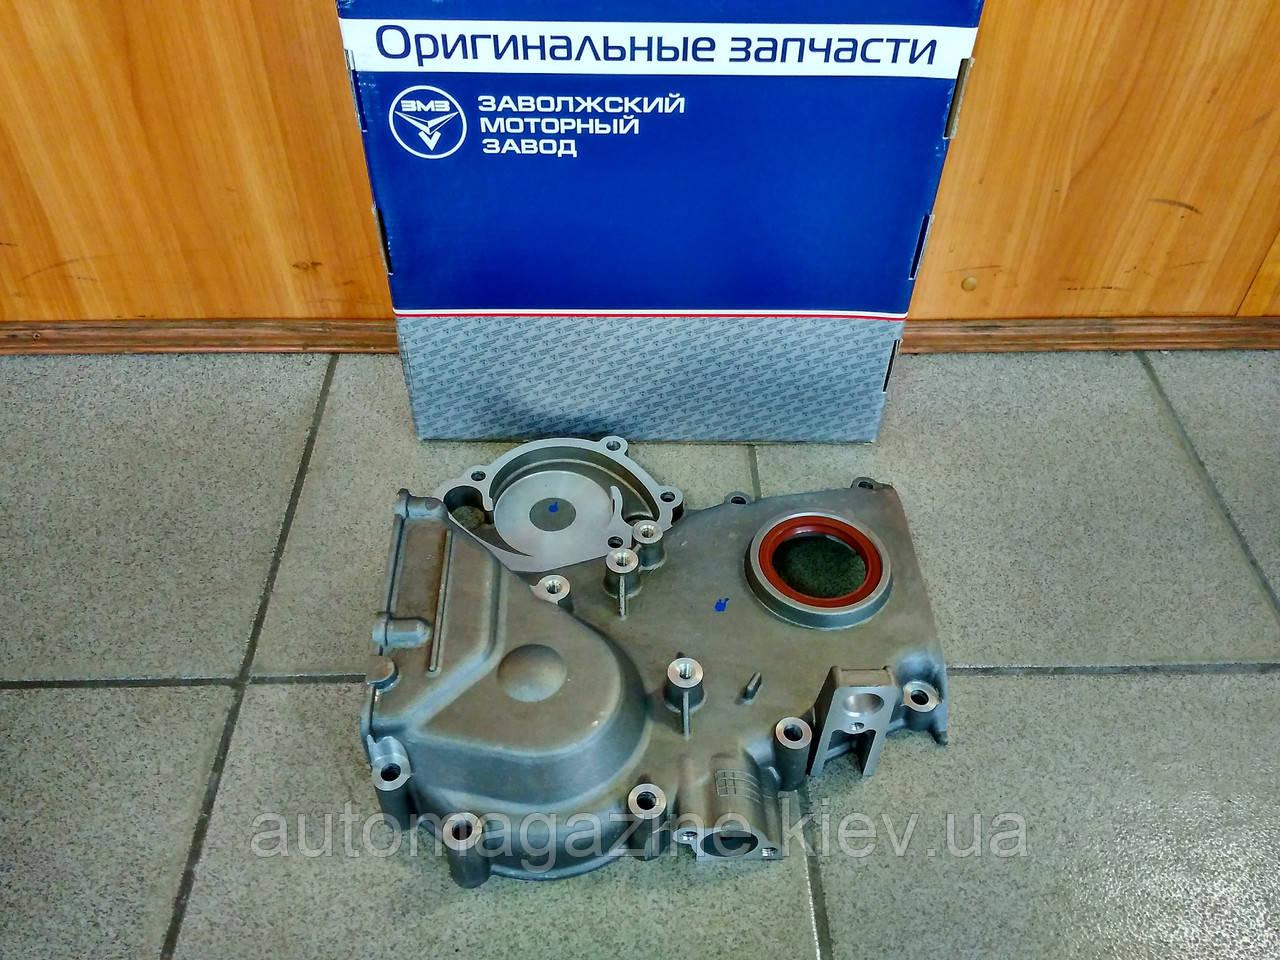 Кришка ланцюга передня Газель, Волга (406, 405)